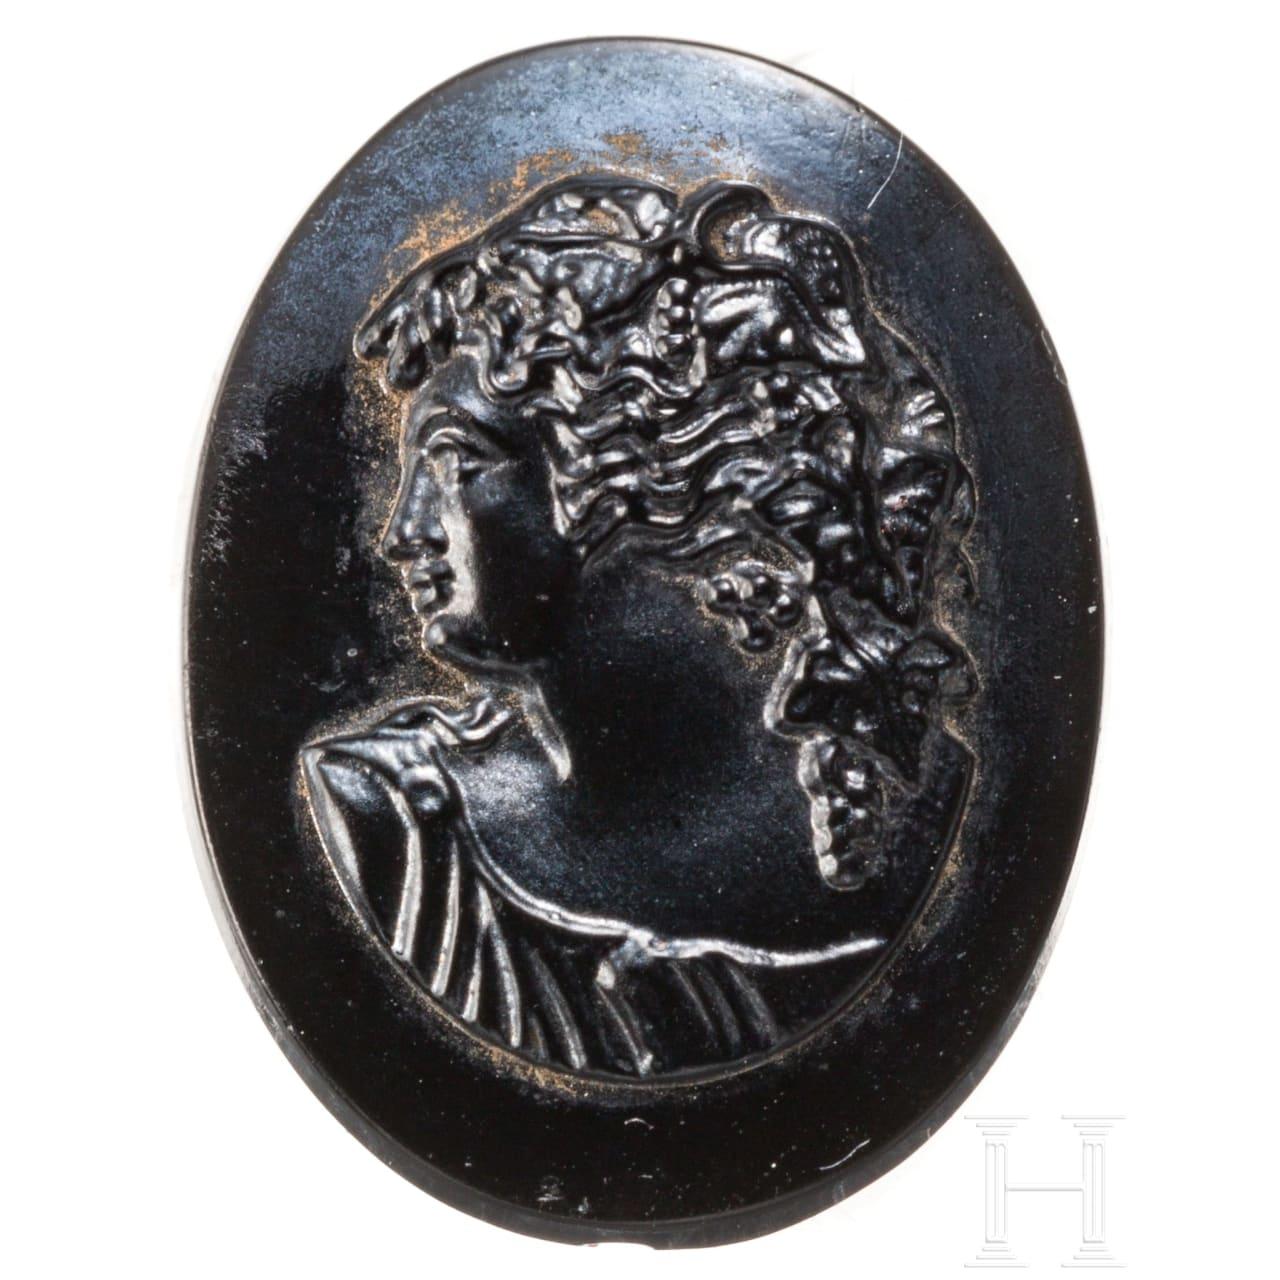 Schwarzer Kameo mit feinem Porträt des jugendlichen Dionysos, wohl 19. Jhdt.